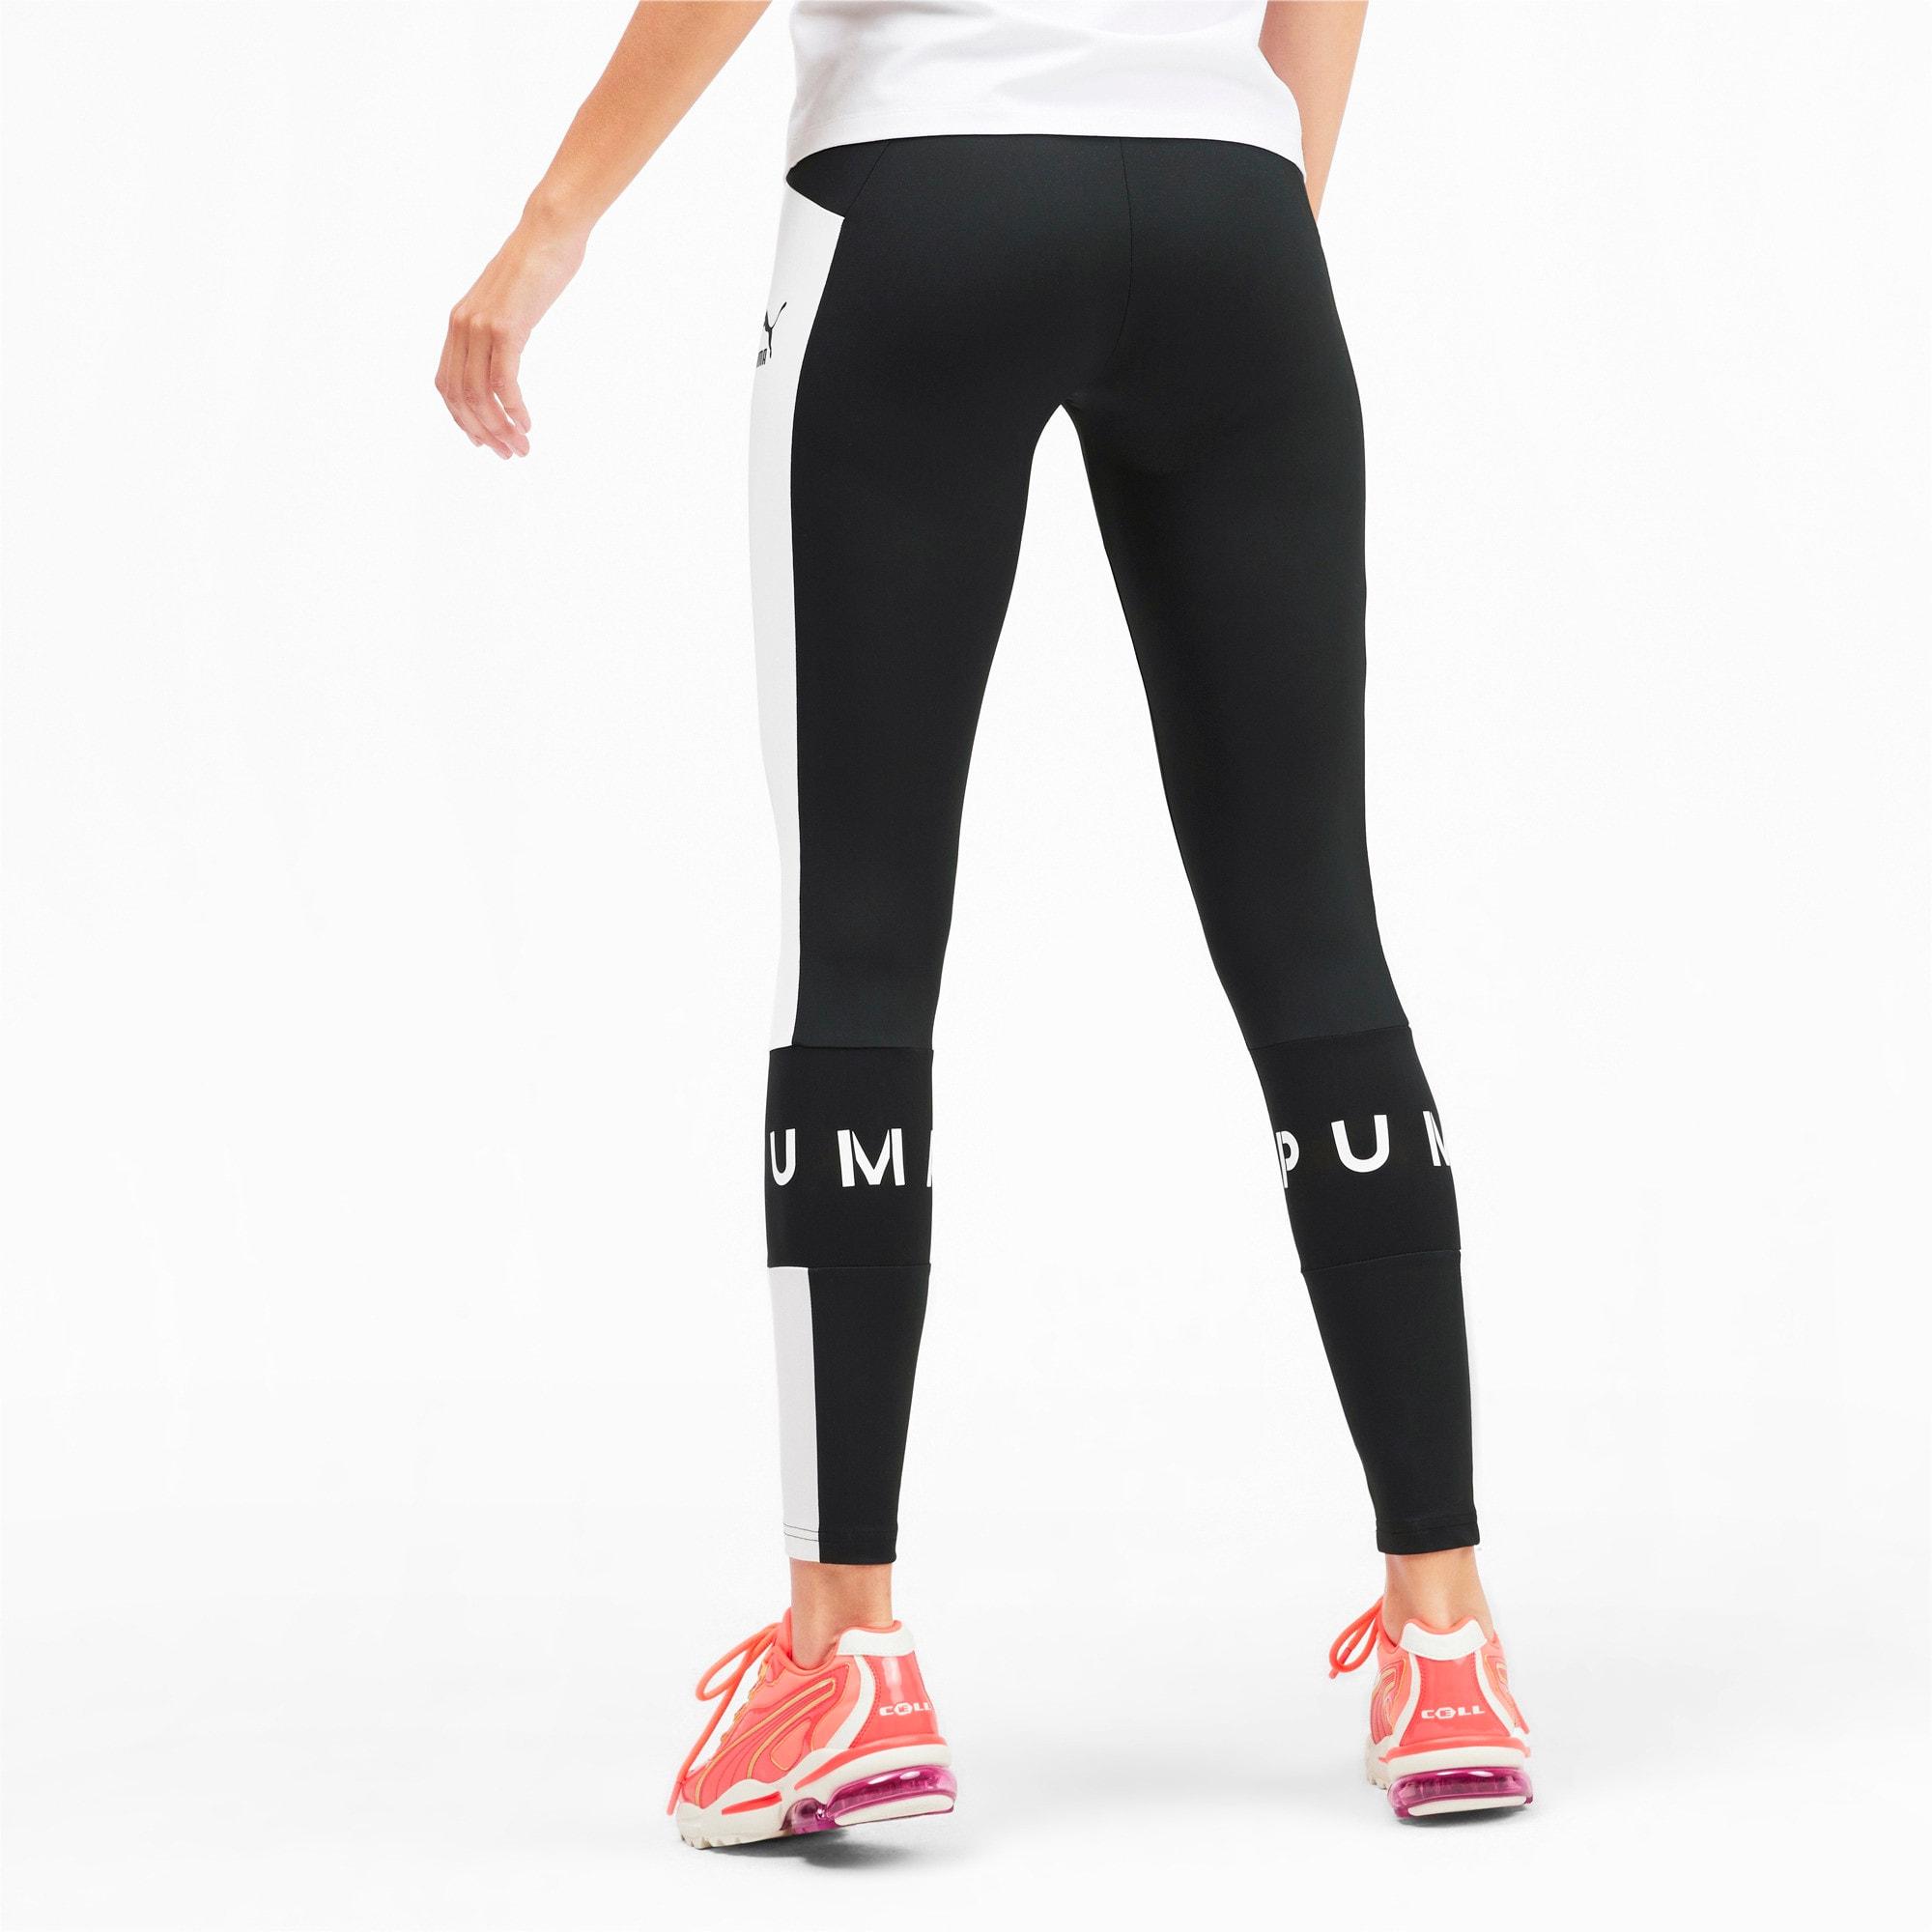 Miniatura 2 de Leggings PUMA XTG para mujer, Puma Black, mediano